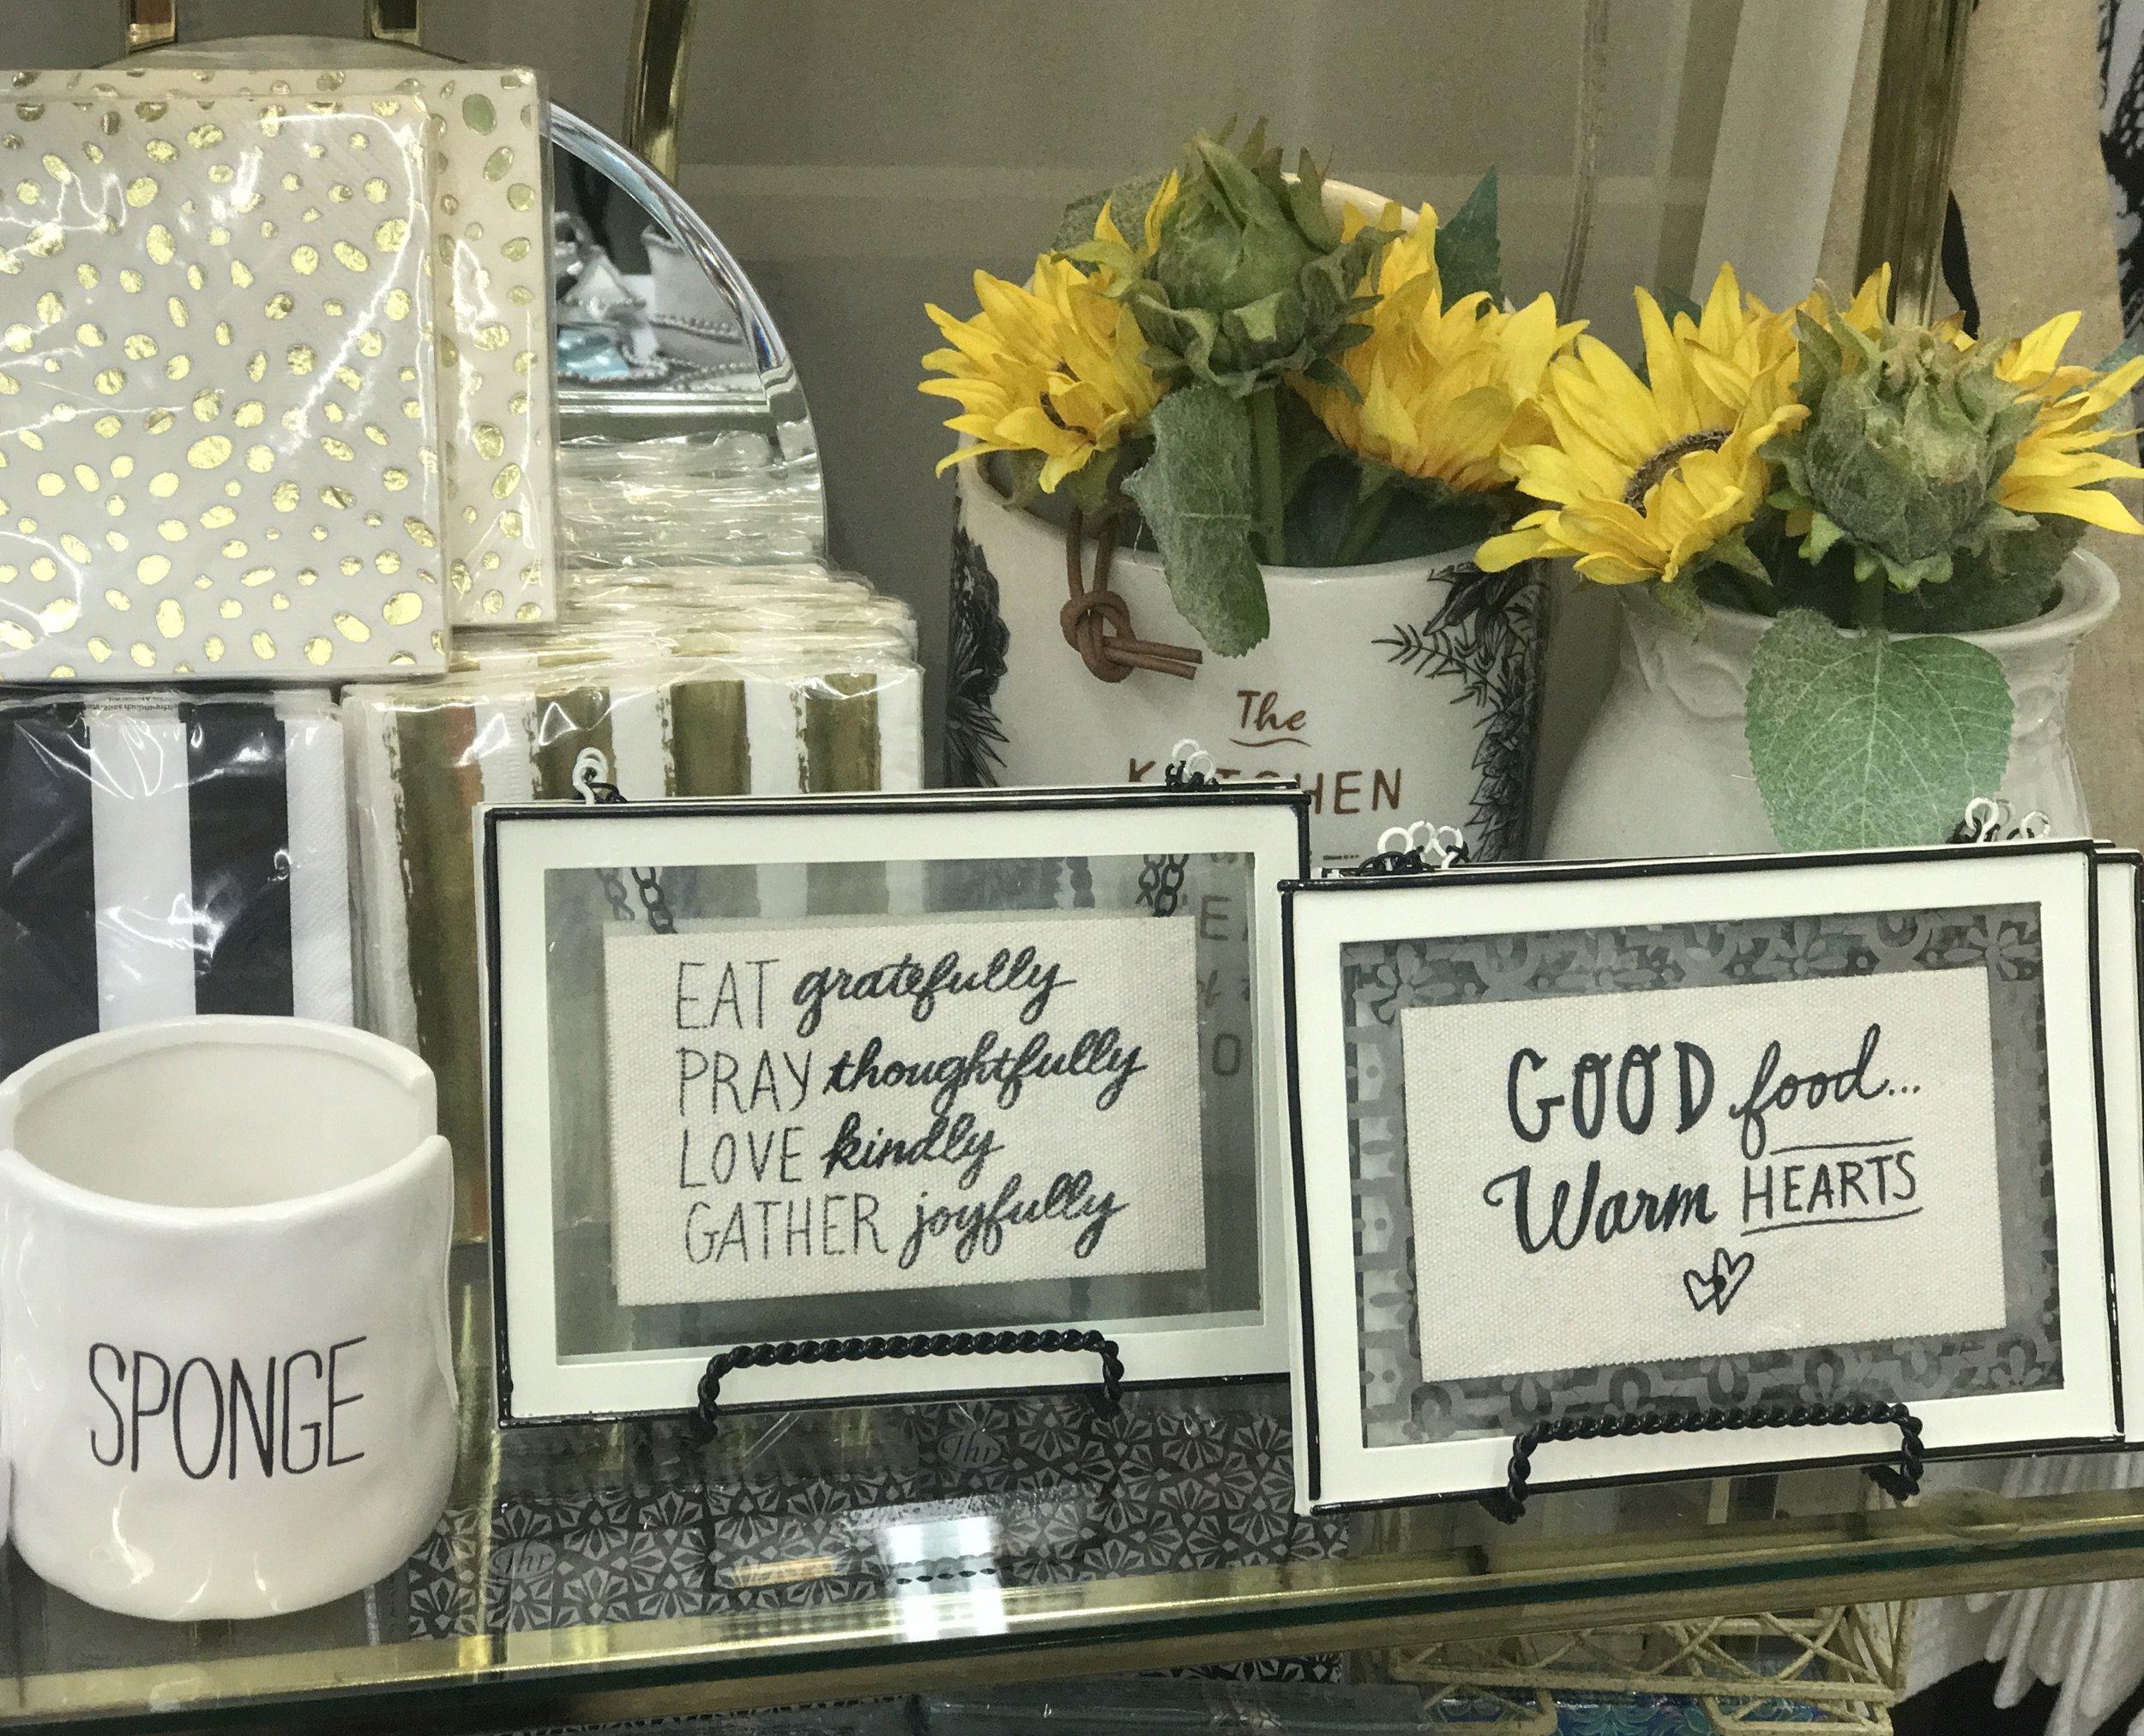 Sponge Holder, Signs and Florals